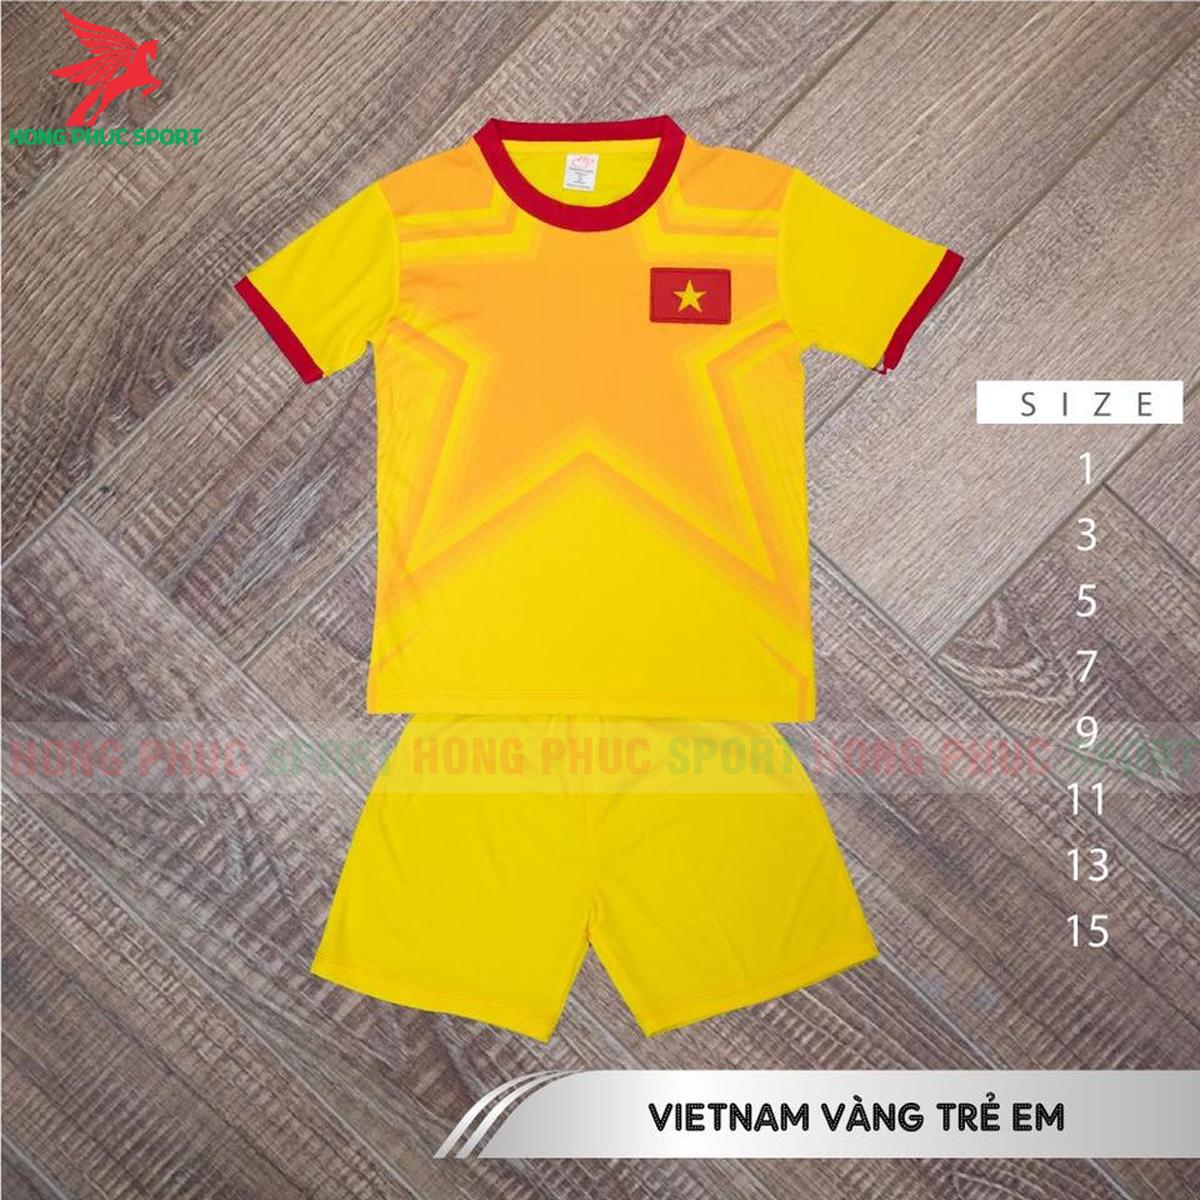 https://cdn.hongphucsport.com/unsafe/s4.shopbay.vn/files/285/ao-bong-da-tre-em-thu-mon-tuyen-viet-nam-2021-san-khach-608128187d33a.png